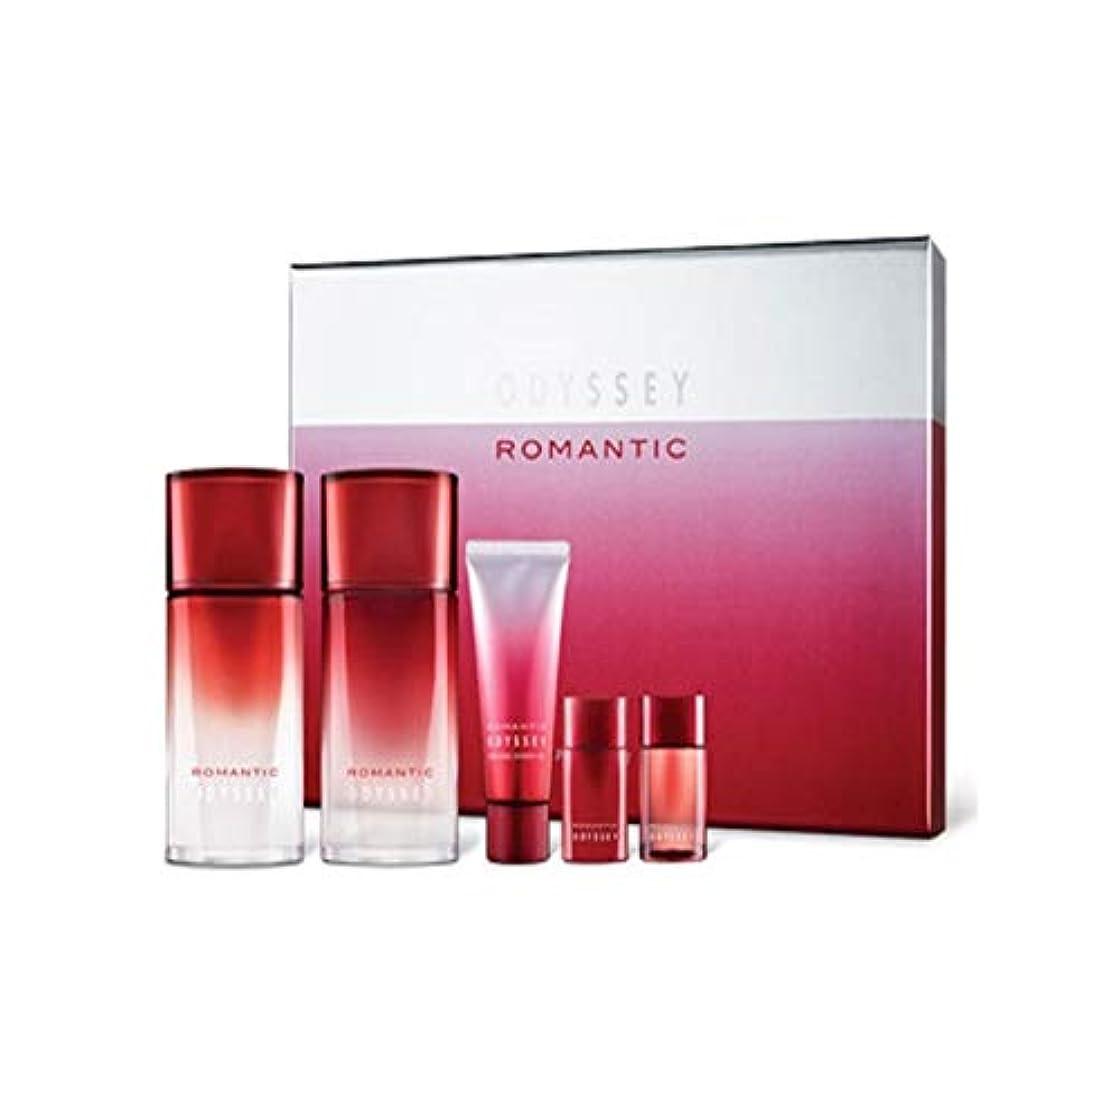 オデッセイロマンチックスキンリファイナーローションセットメンズコスメ韓国コスメ、Odyssey Romantic Skin Refiner Lotion Set Men's Cosmetics Korean Cosmetics...